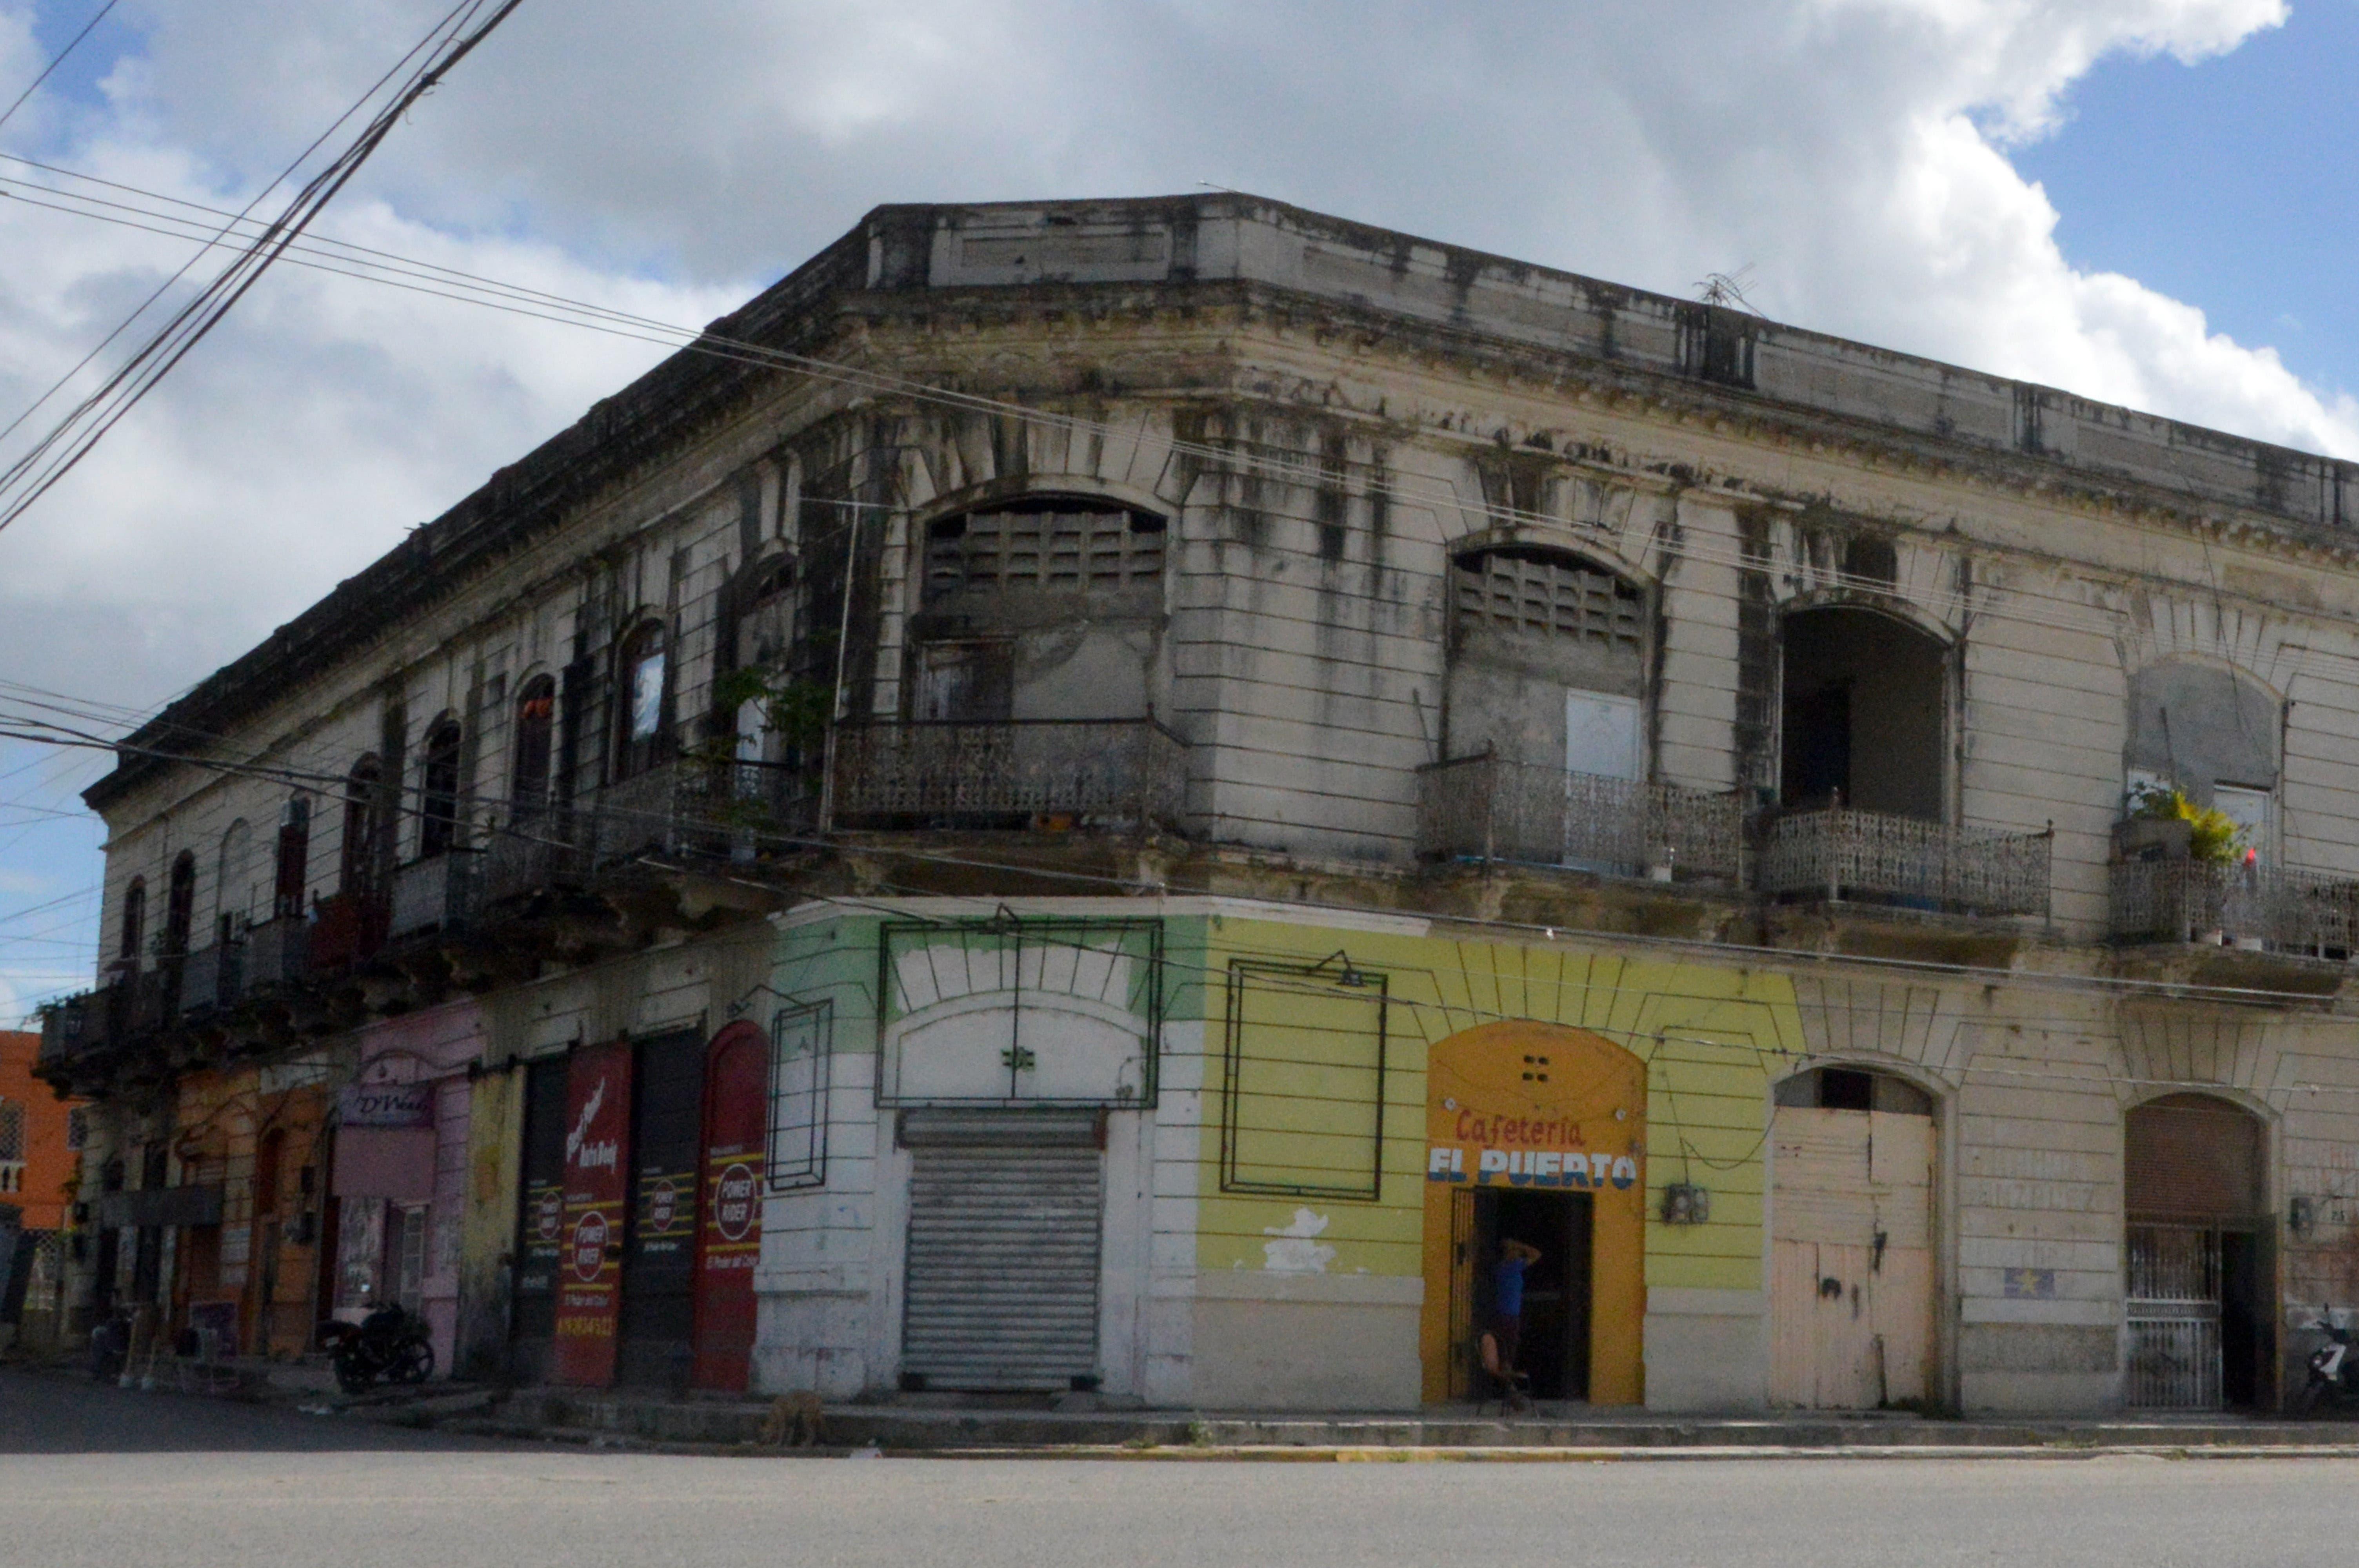 Antiguo local de los Tribunales y el Ministerio Público de San Pedro de macorís. Hoy/ Napoleón marte 29/01/2018